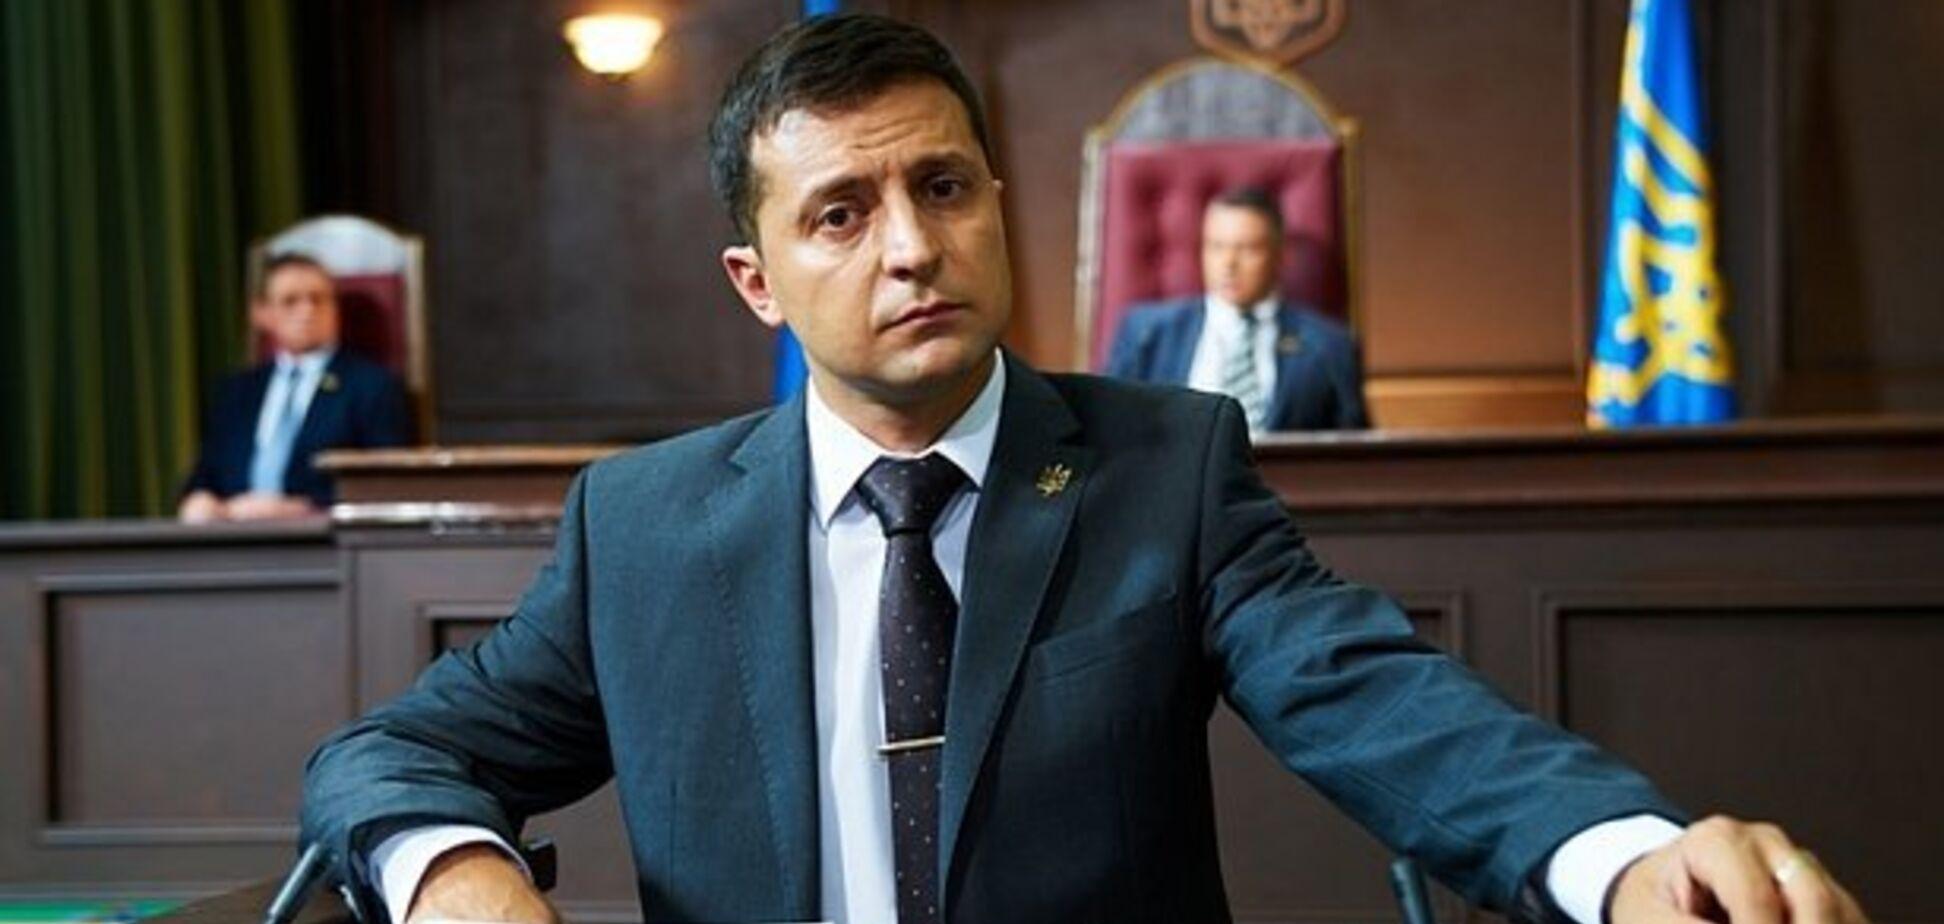 'Это большой плюс!' Саакашвили сделал громкое заявление о связи Зеленского с Коломойским